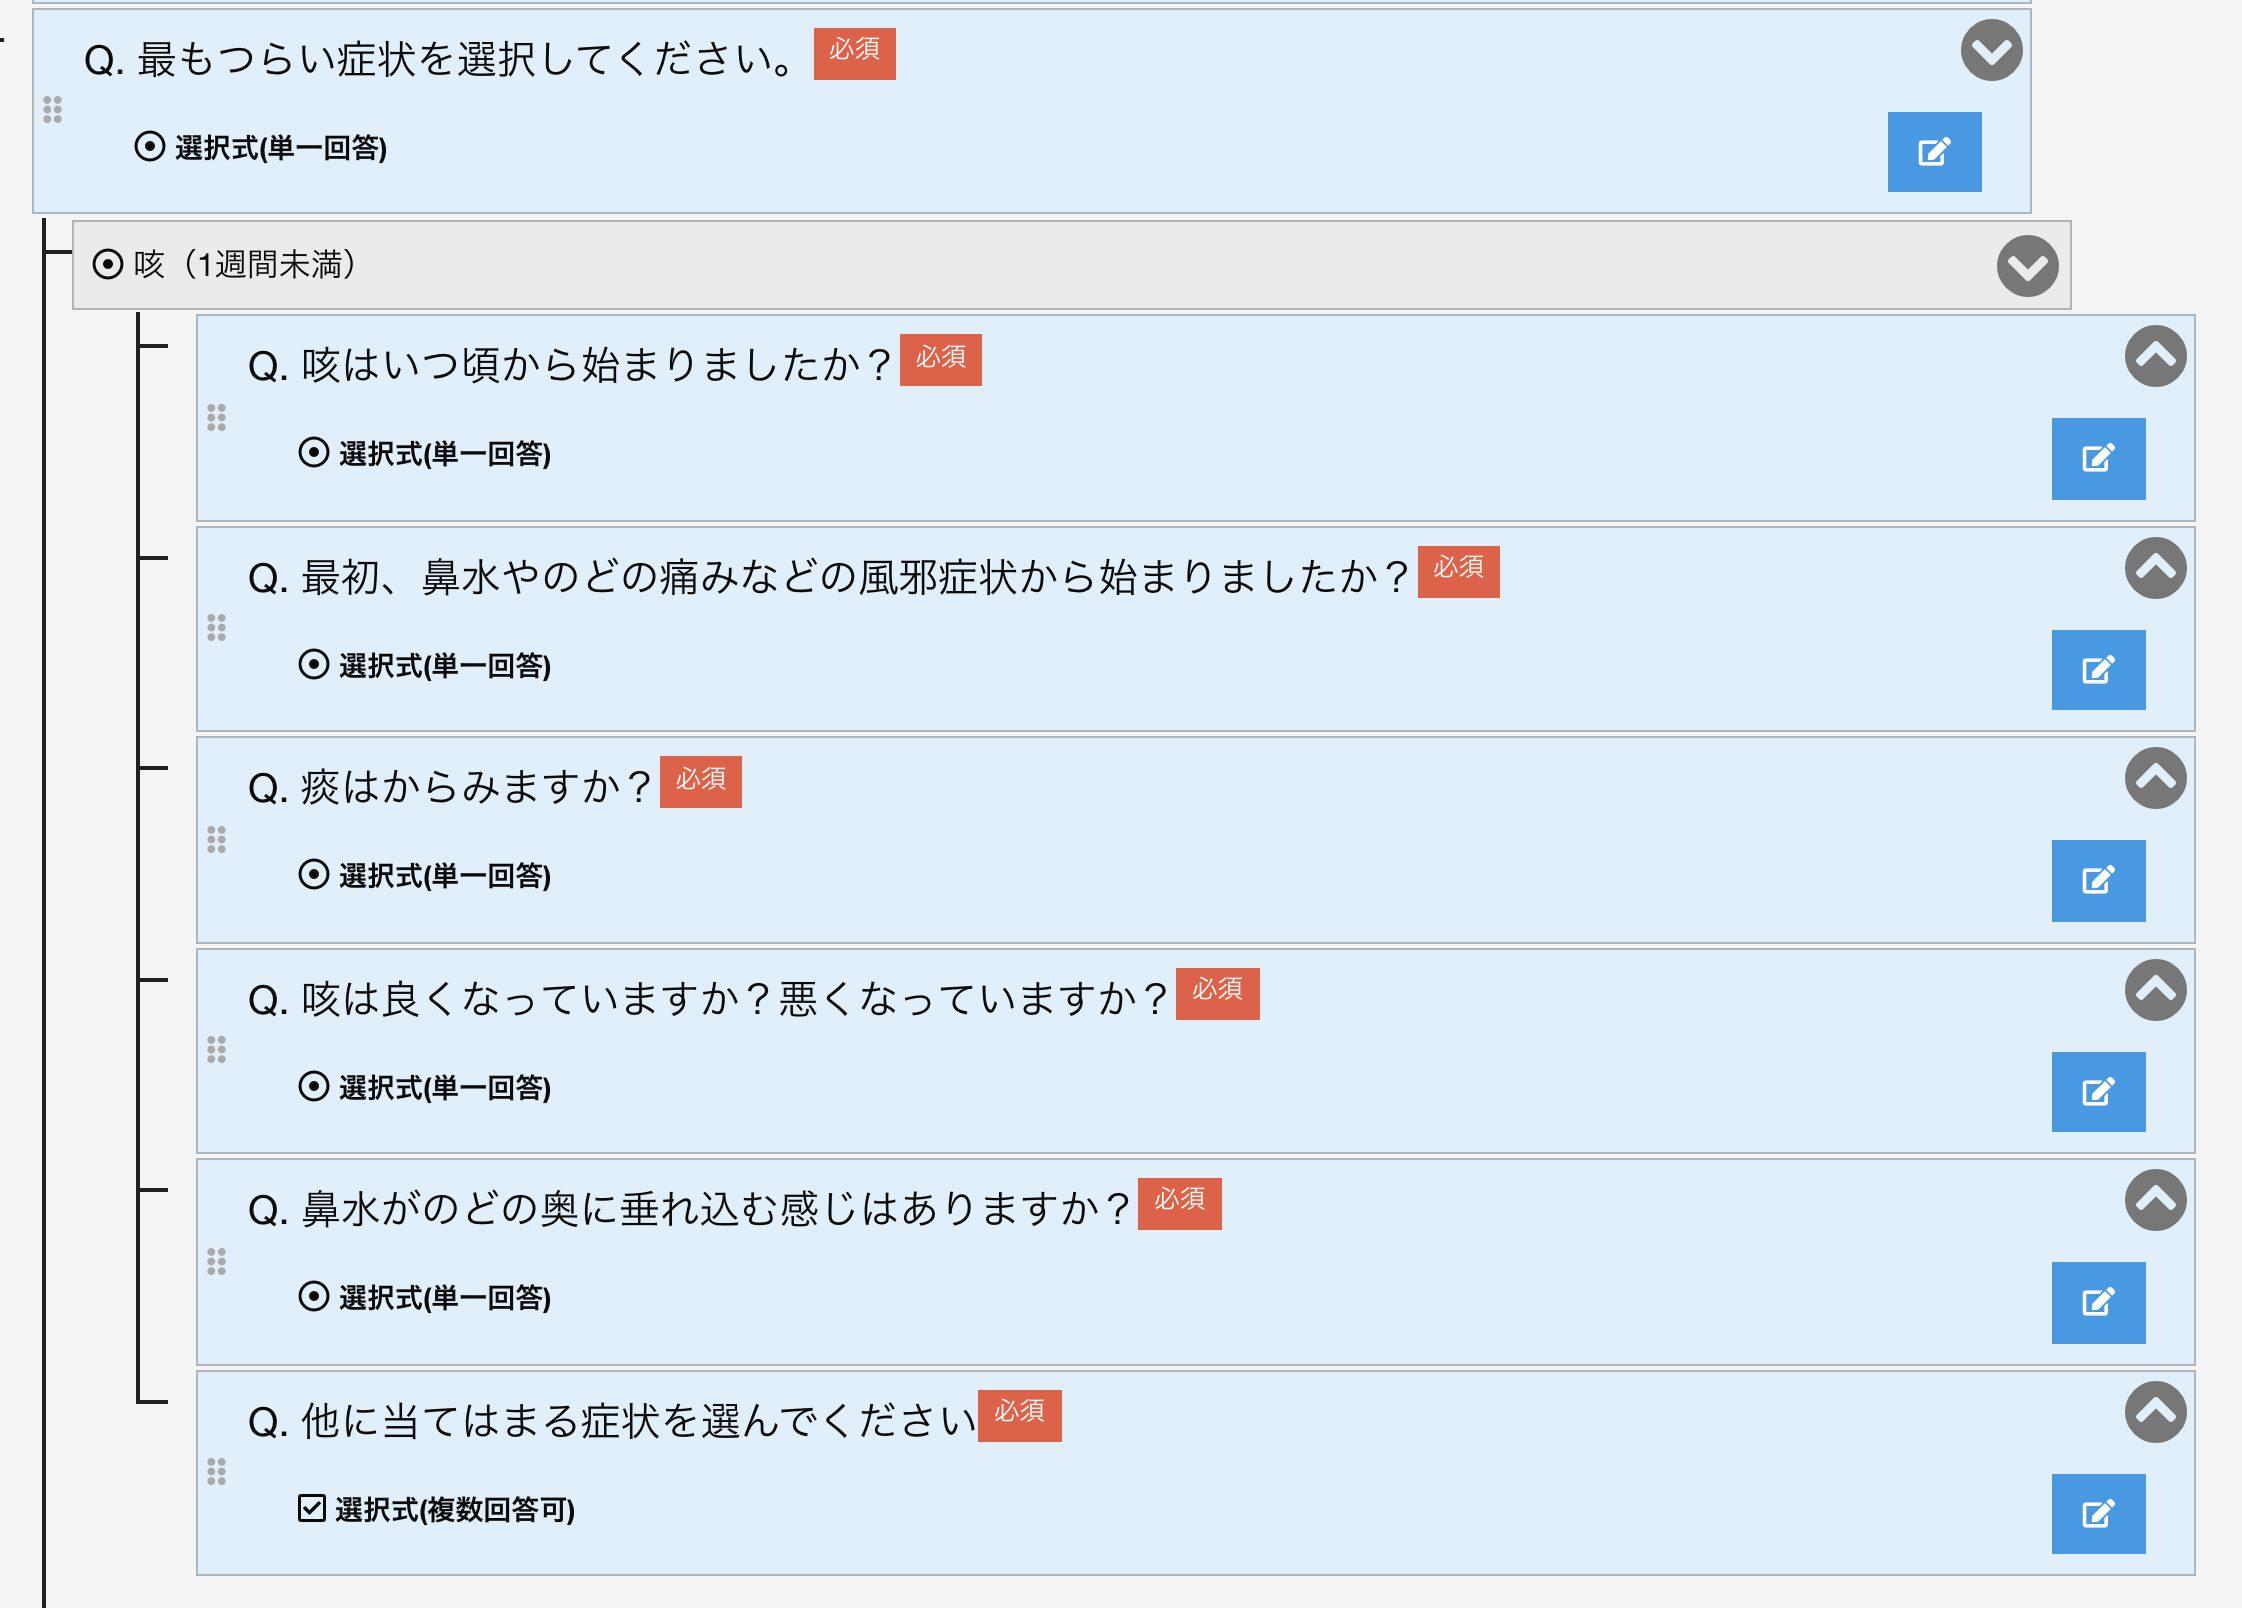 kinshicho-heart-monshin-11